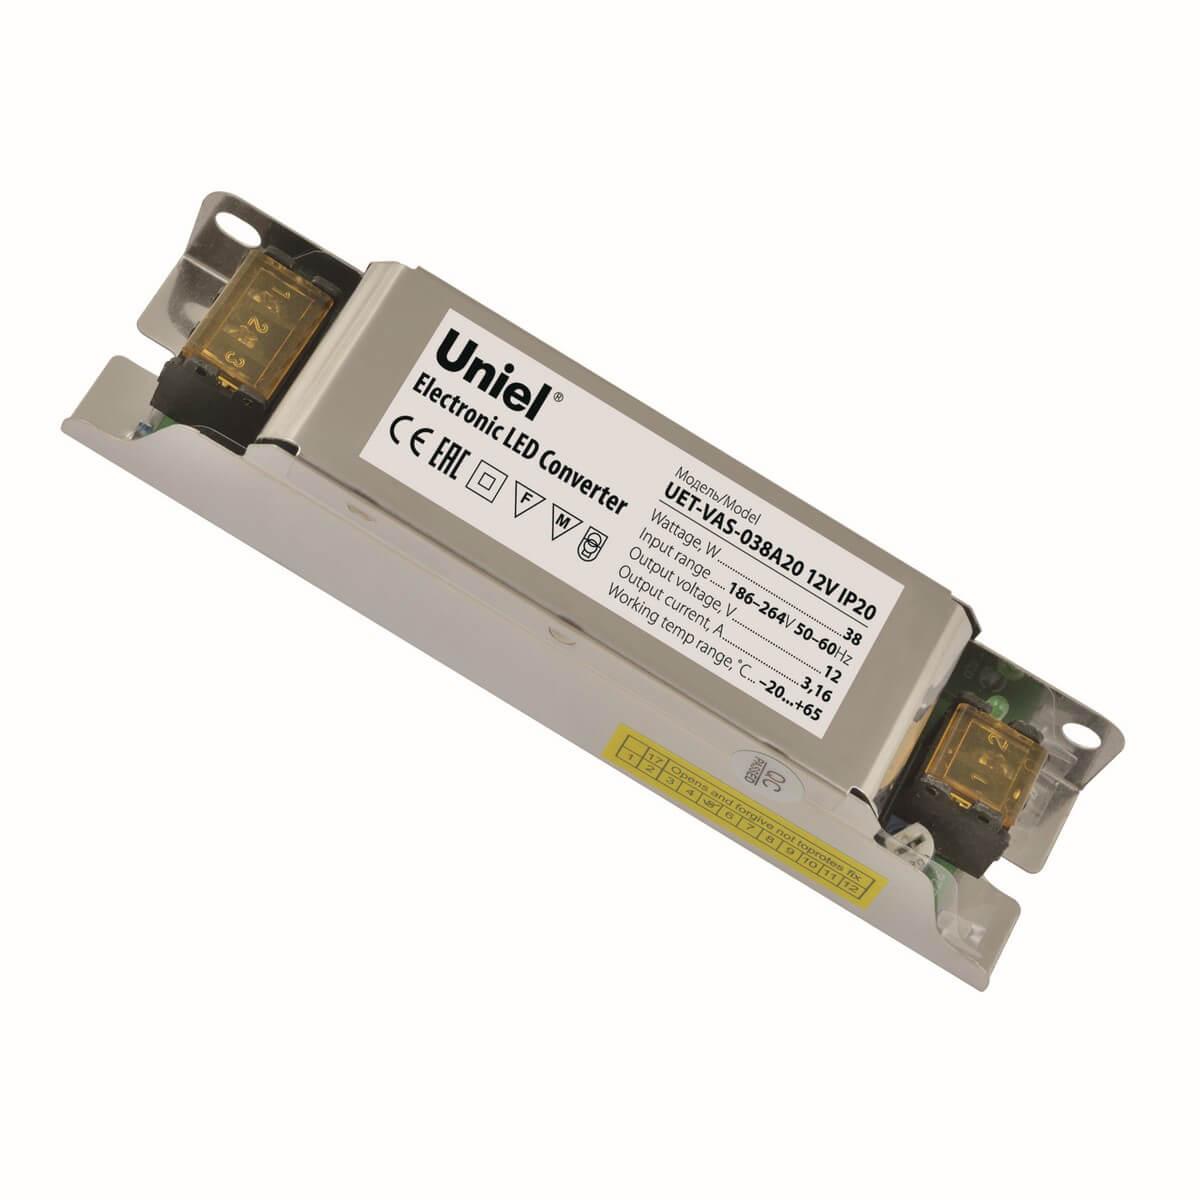 Блок питания (UL-00002426) Uniel UET-VAS-038A20 12V IP20 блок питания ul 00002433 uniel uet vas 200b20